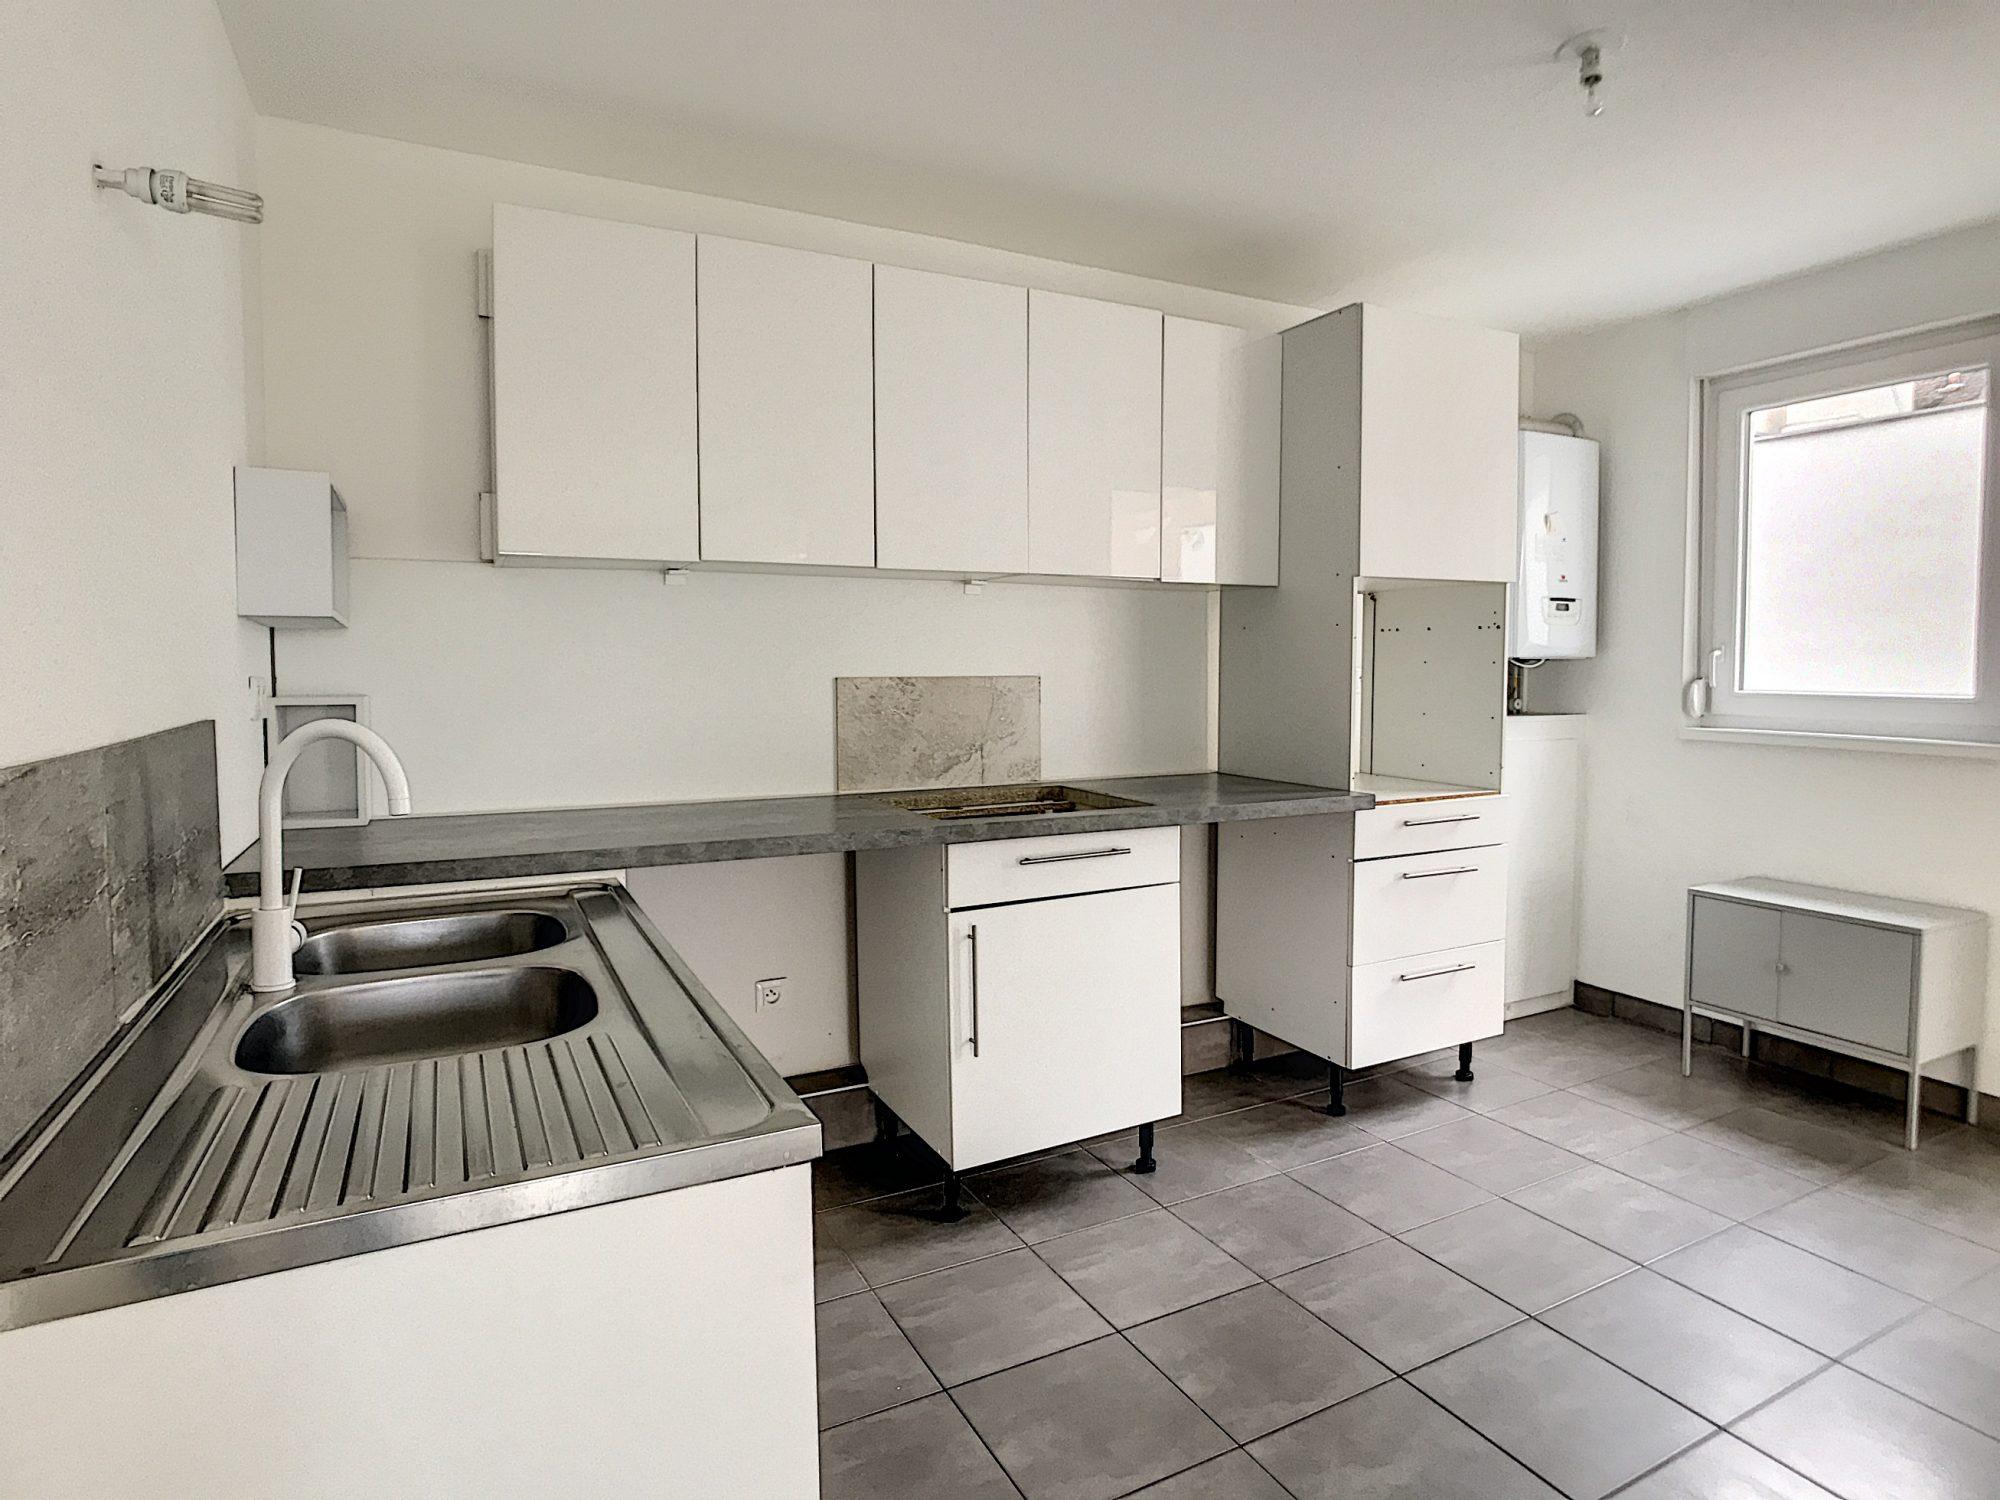 3 Pièces SCHILTIGHEIM + Terrasse - Devenez locataire en toute sérénité - Bintz Immobilier - 3